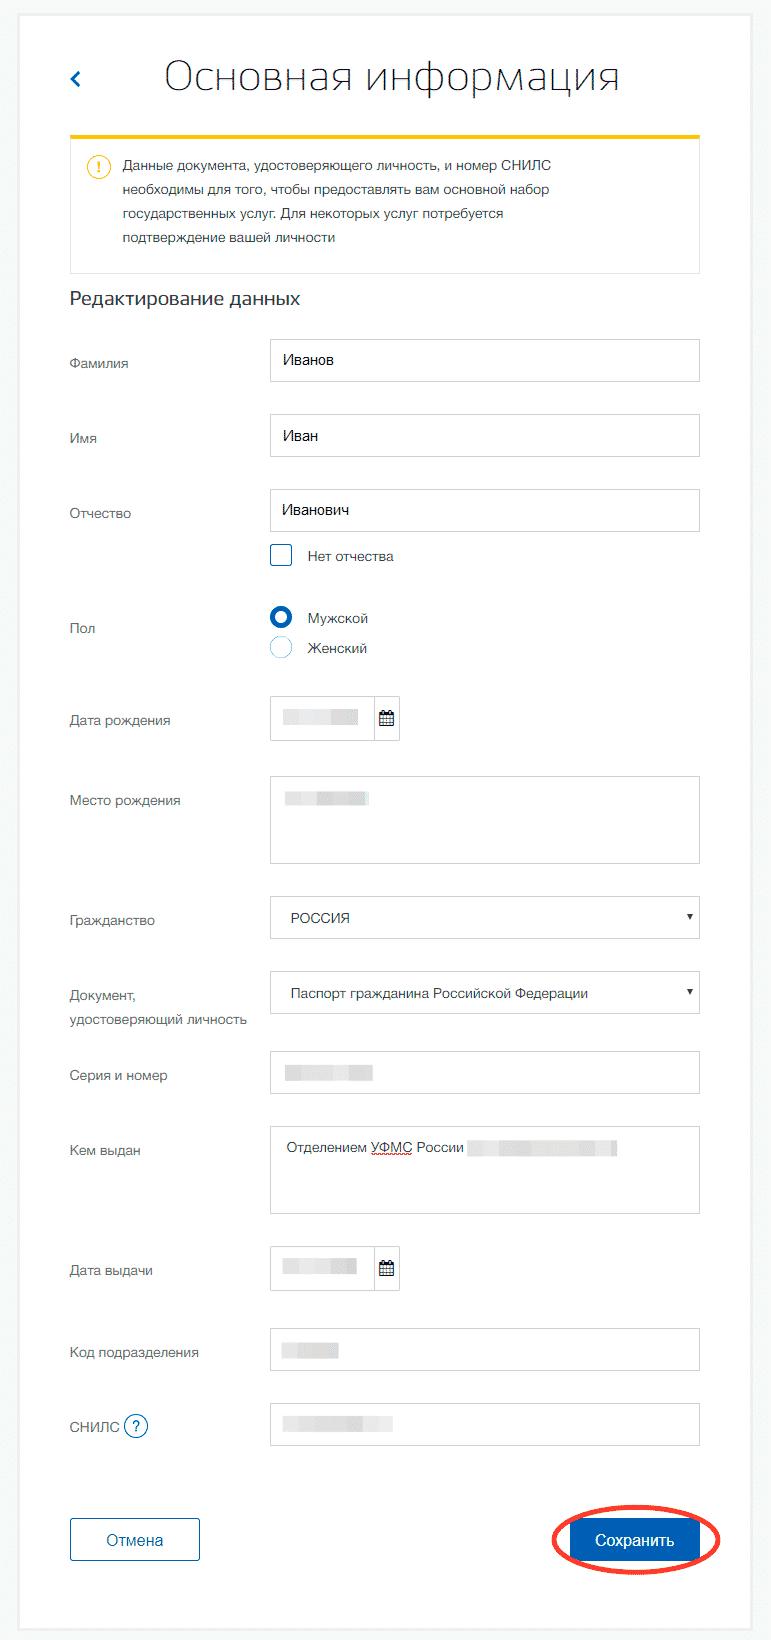 Как подтвердить личность на Госуслугах с помощью электронной подписи